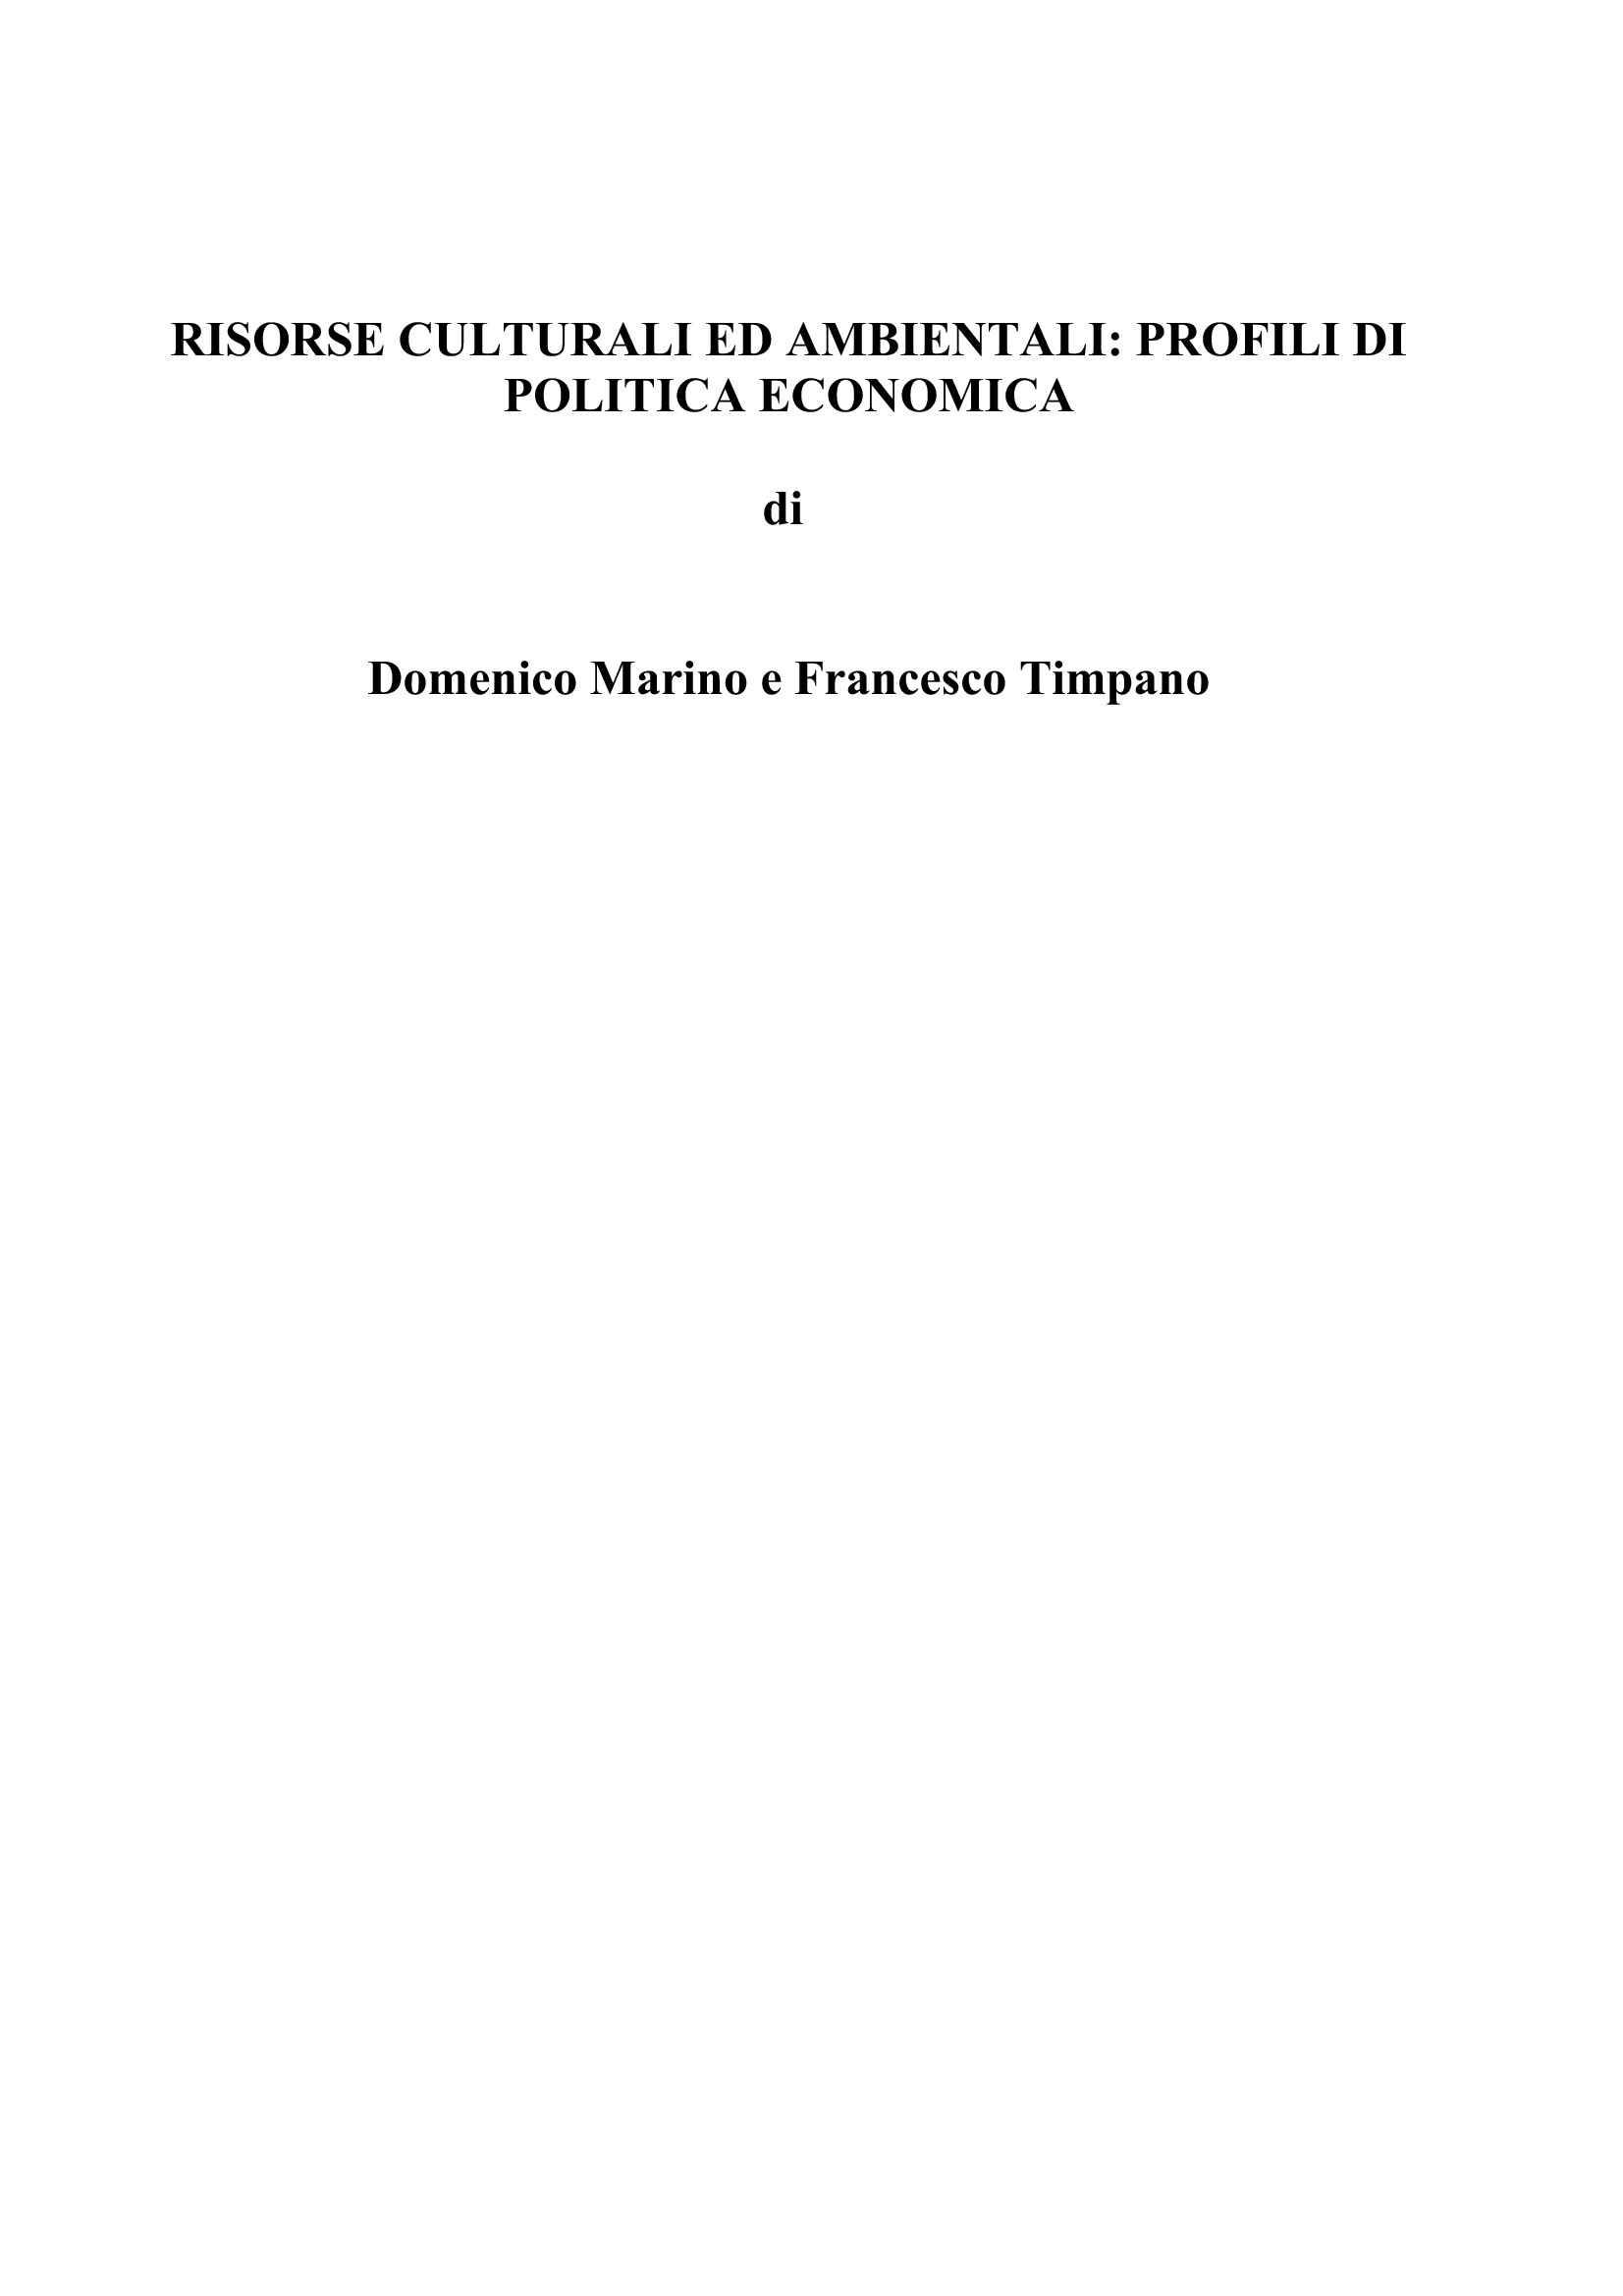 Risorse culturali ed ambientali - Profili di politica economica